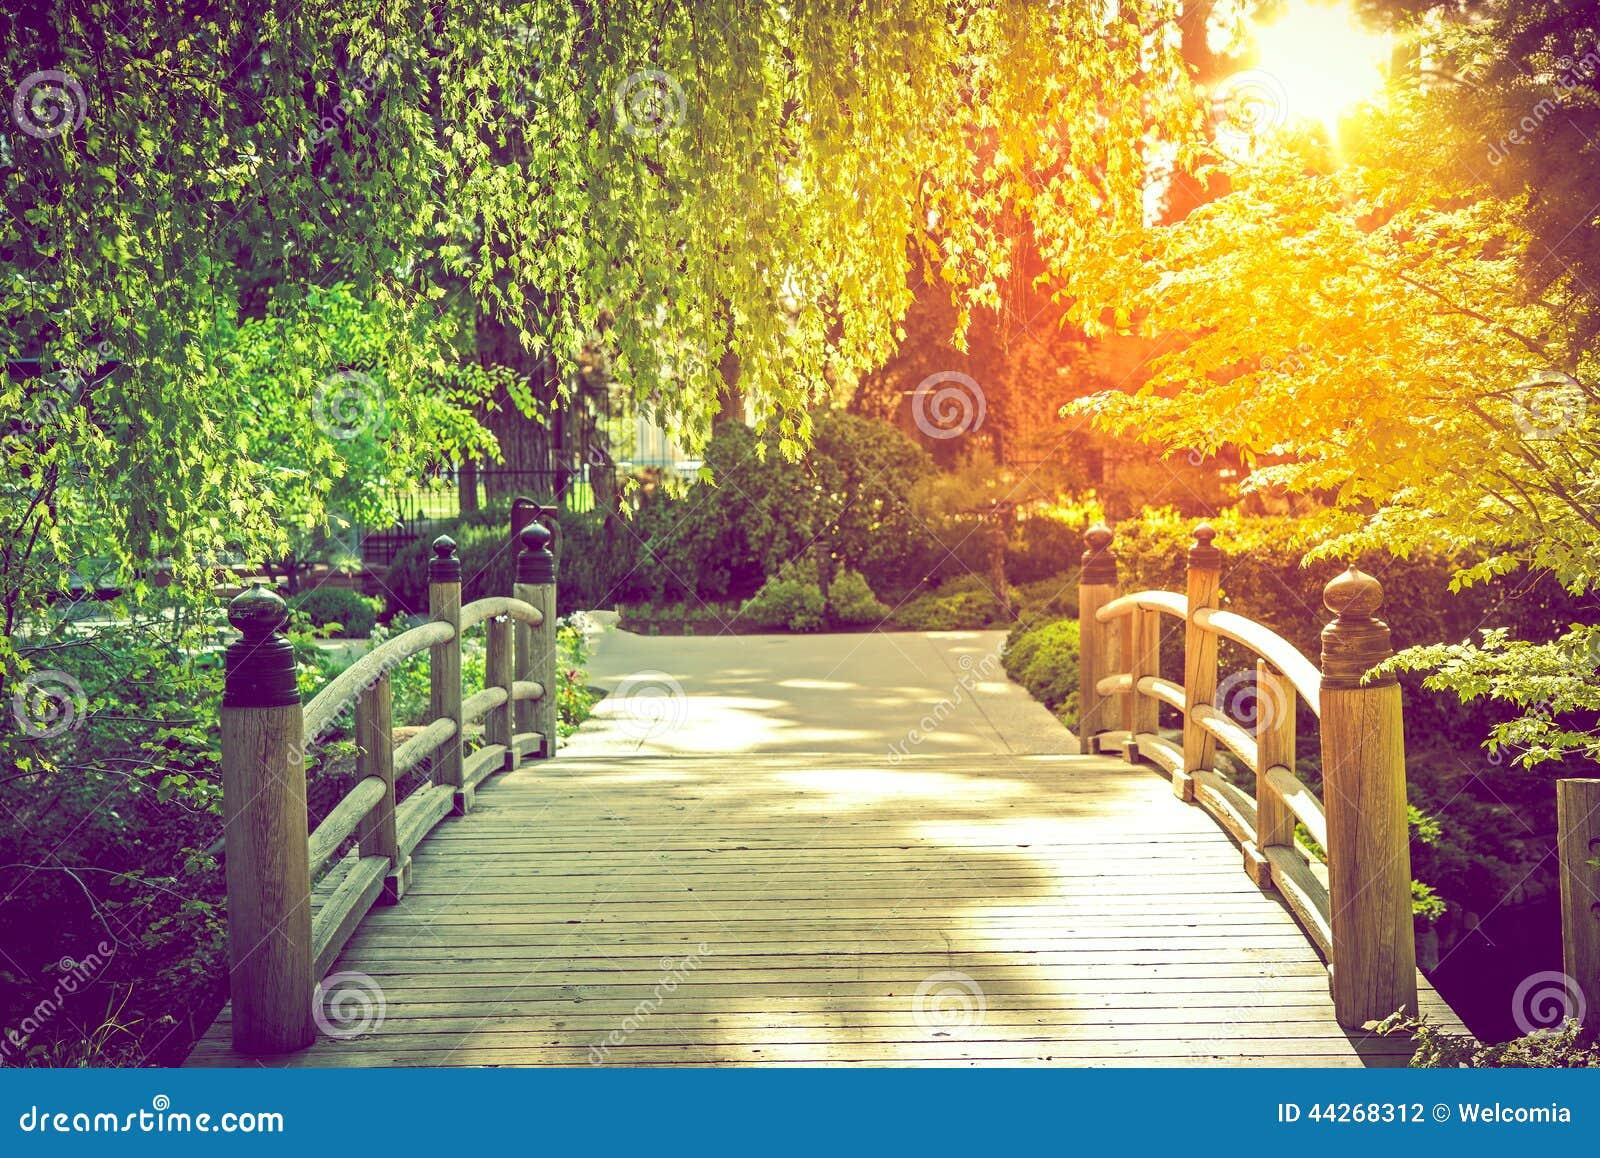 Scenic Garden Bridge Stock Photo Image 44268312